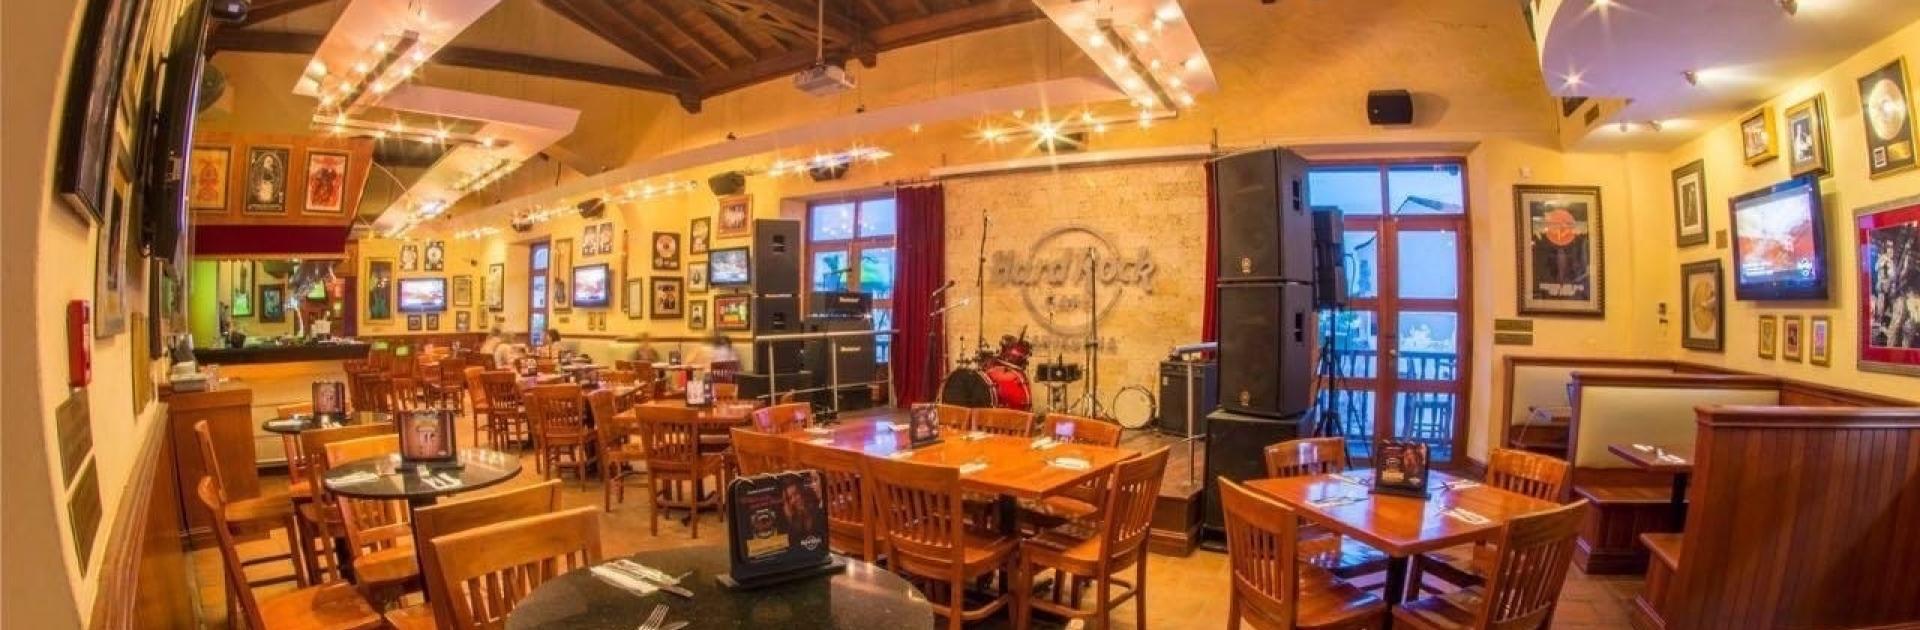 Hard Rock Café Cartagena, participante de Dónde Restaurant Week 2019 en Cartagena de Indias